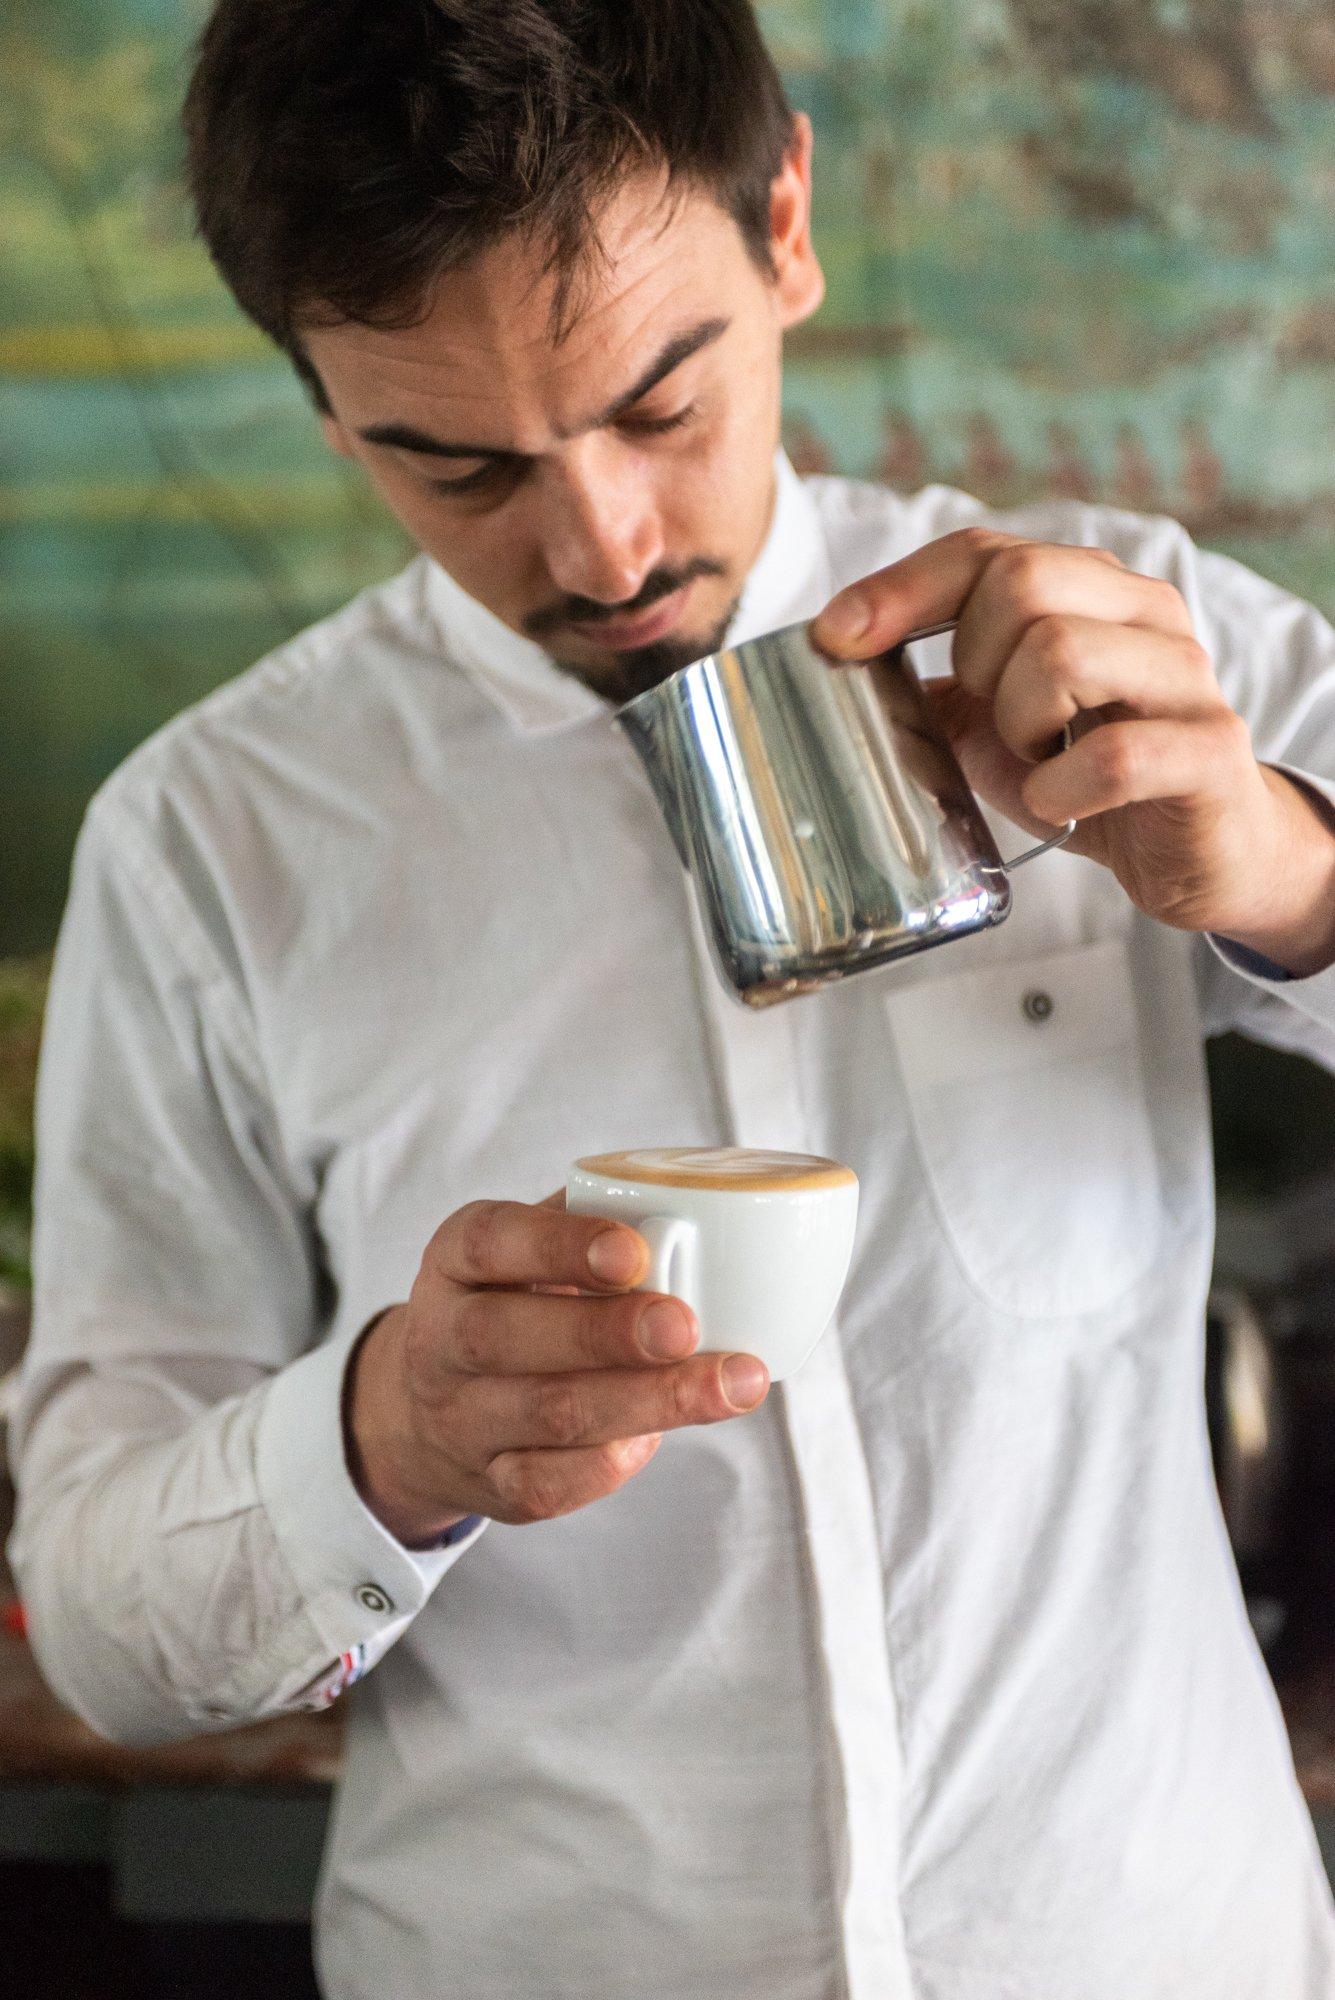 Youssef Louanjli associé Franck Audoux Restaurant Cocktail Bar Cravan